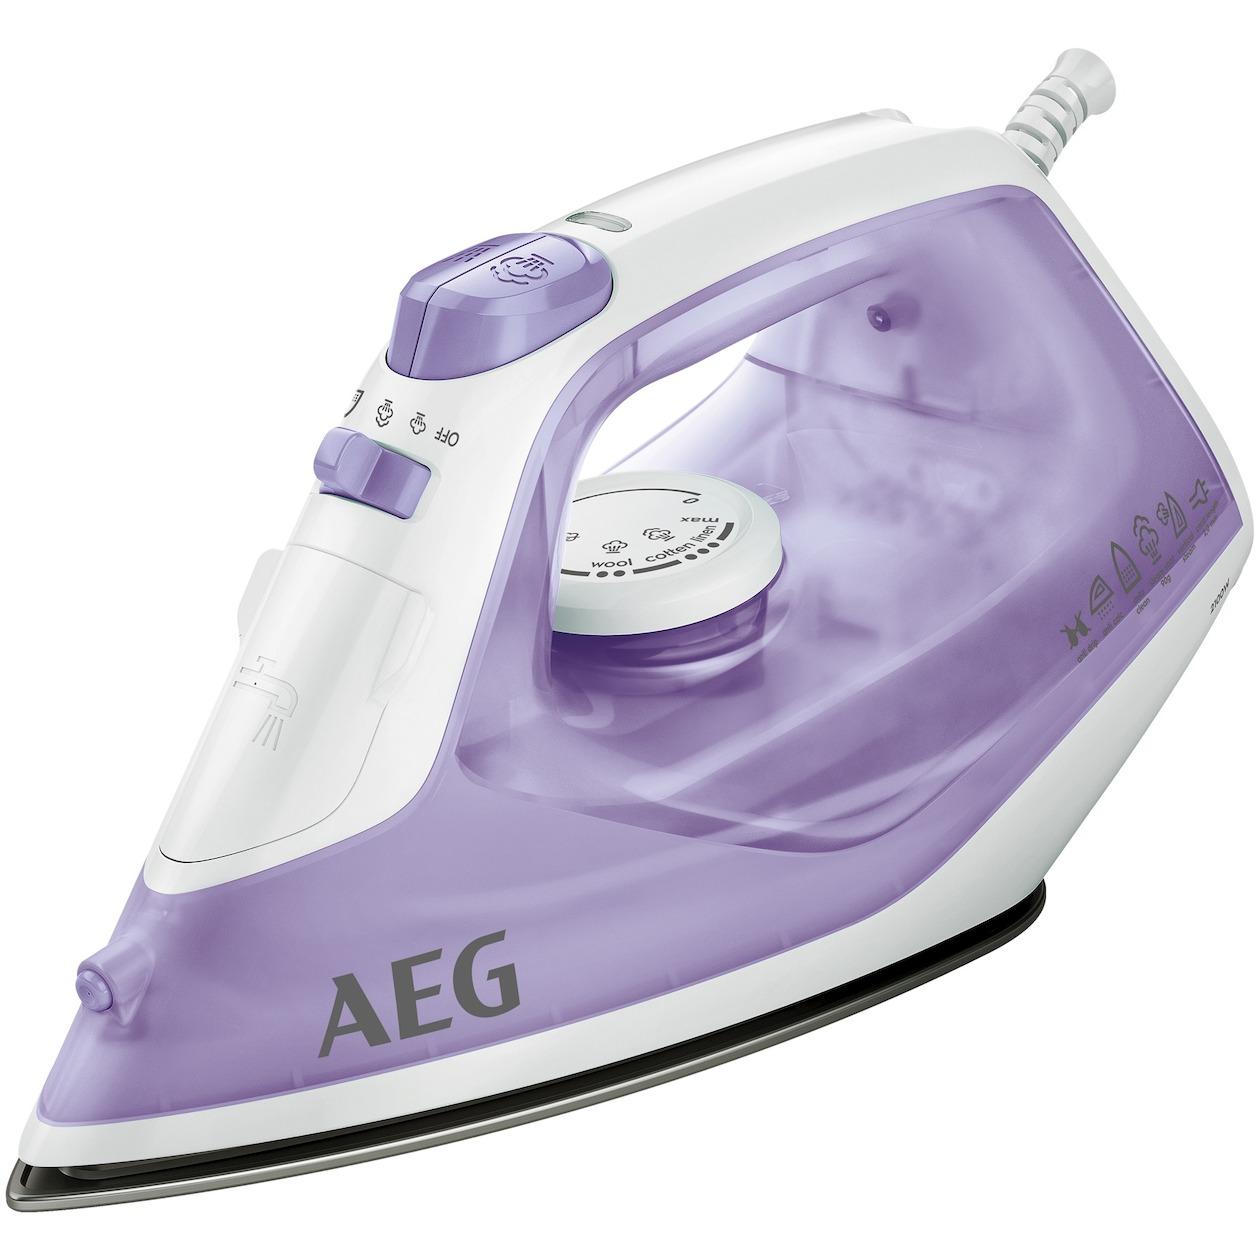 AEG strijkijzer DB1710 lilac